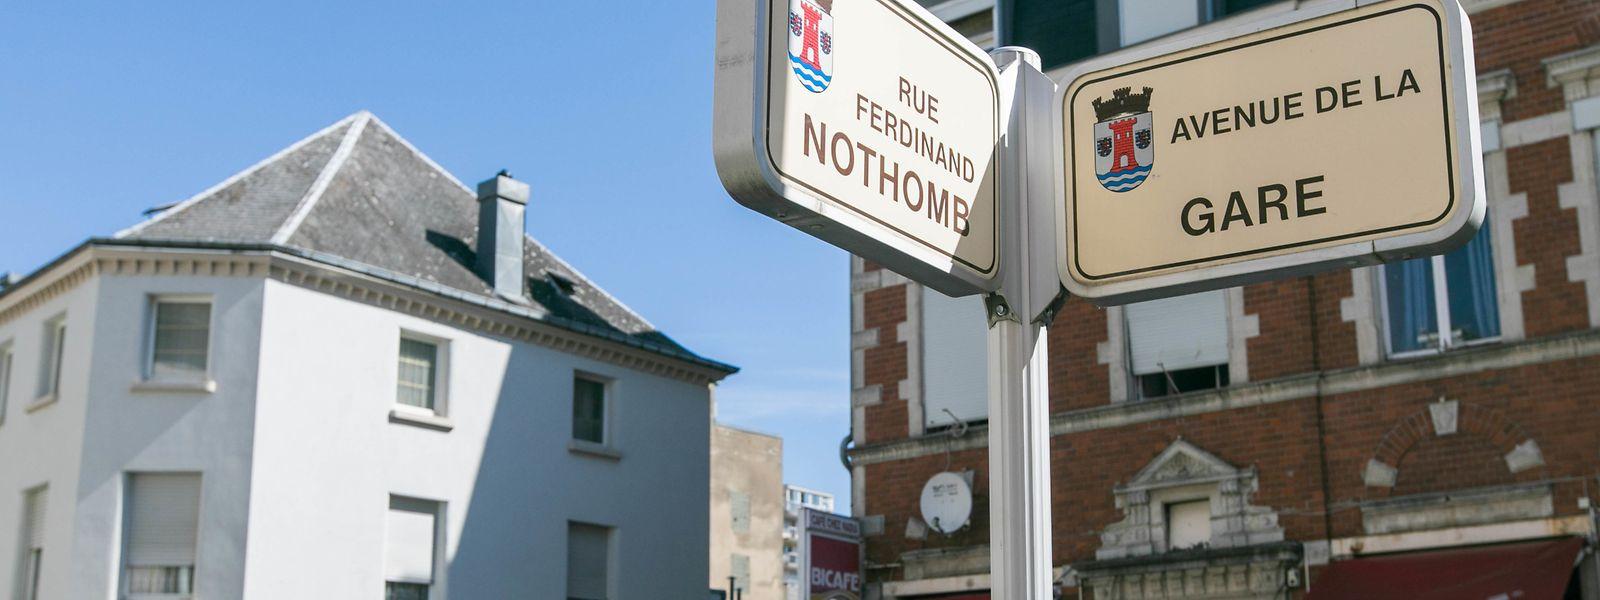 Viele Einwohner der Rue Ferdinand Nothomb und der Avenue de la Gare in Esch beklagen sich über die Zustände, vor allem nachts, in ihren Straßen.